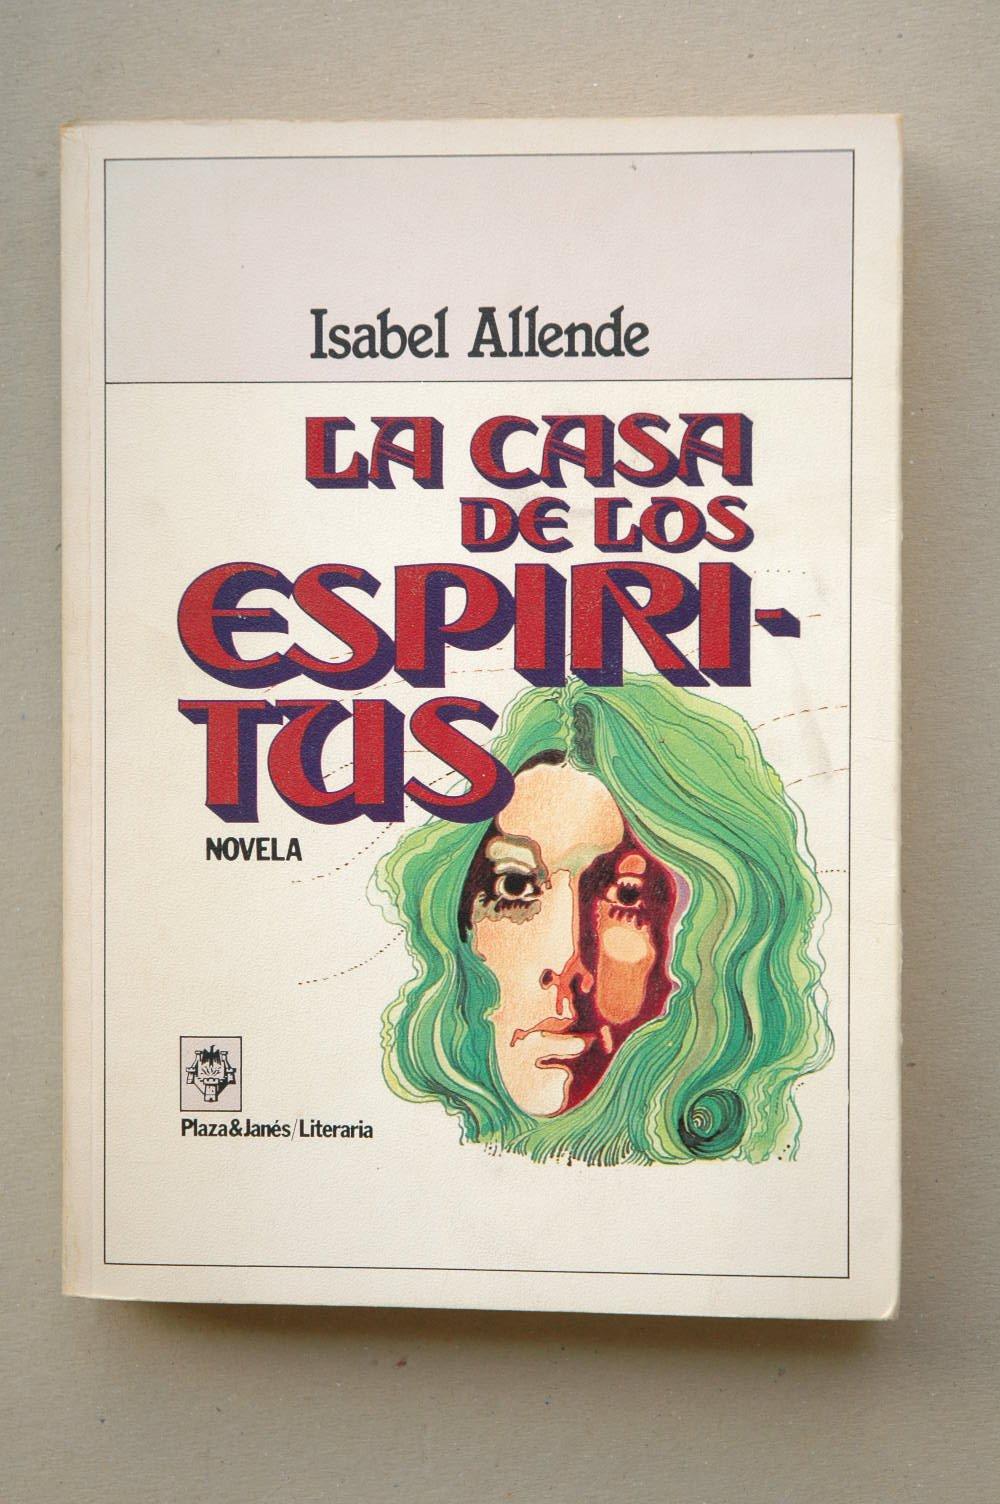 La casa de los espíritus : novela / Isabel Allende ; diseño ...